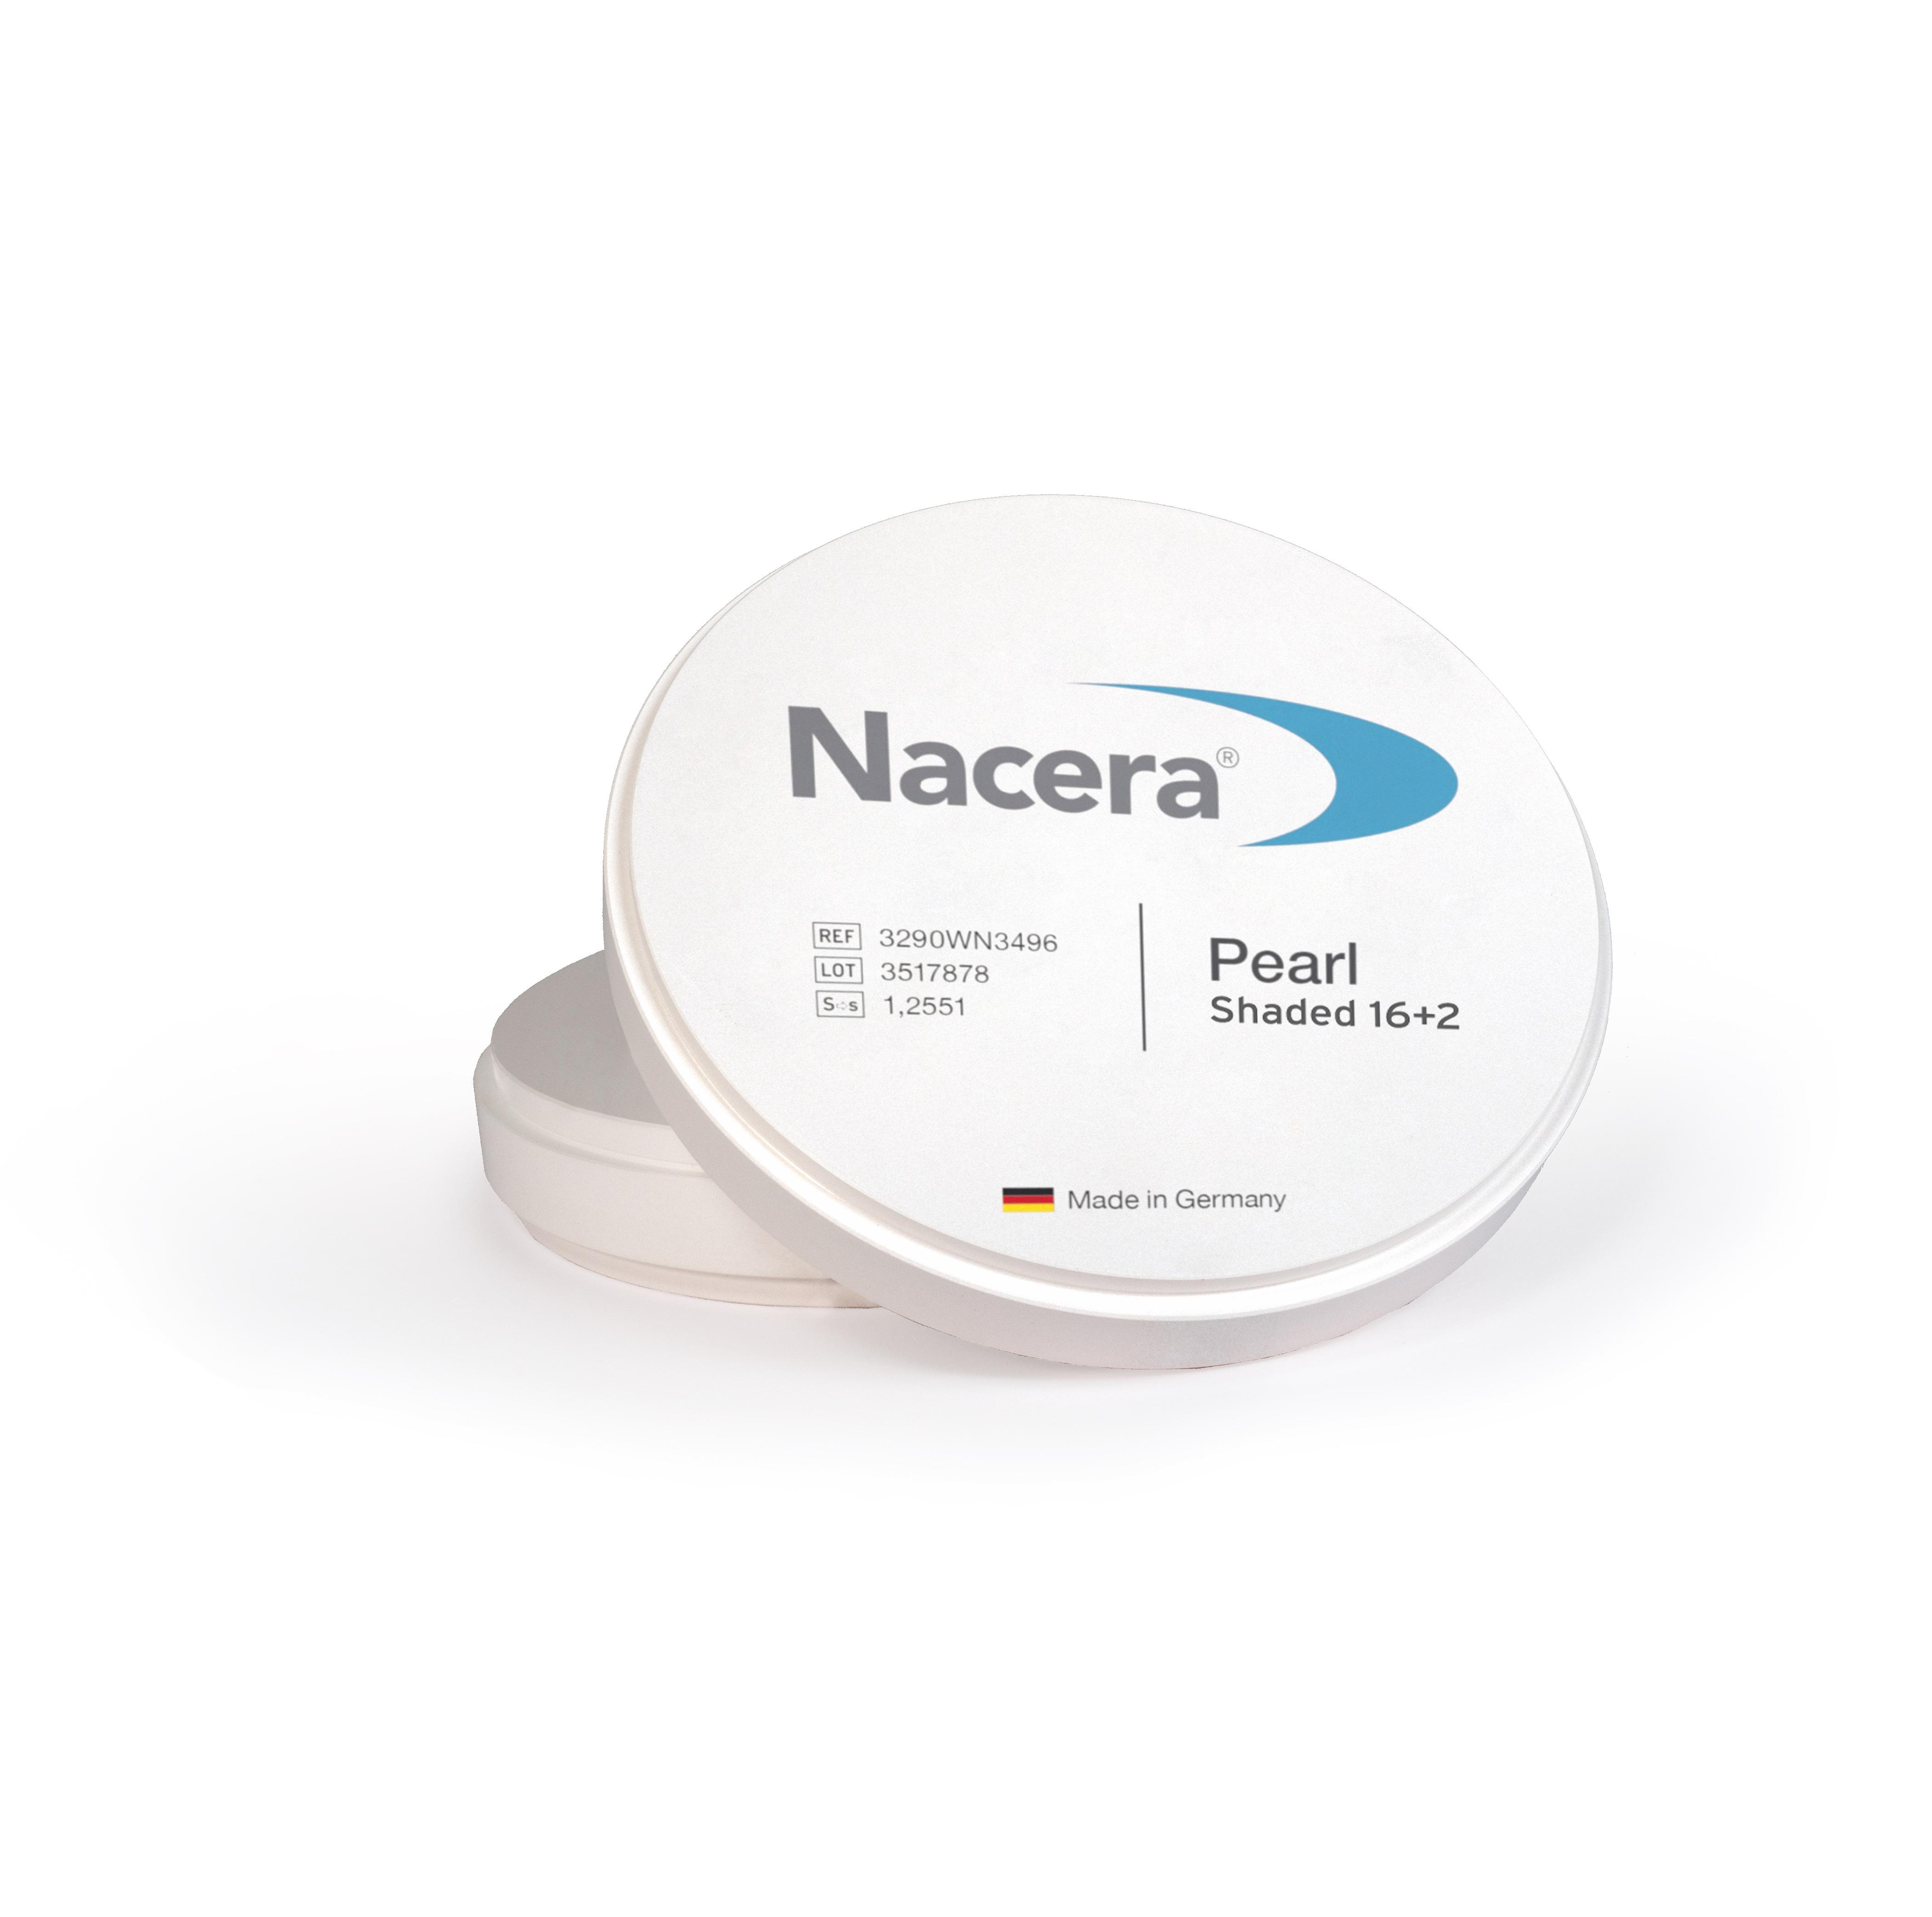 Disc zirconiu Nacera Pearl Shaded 16+2